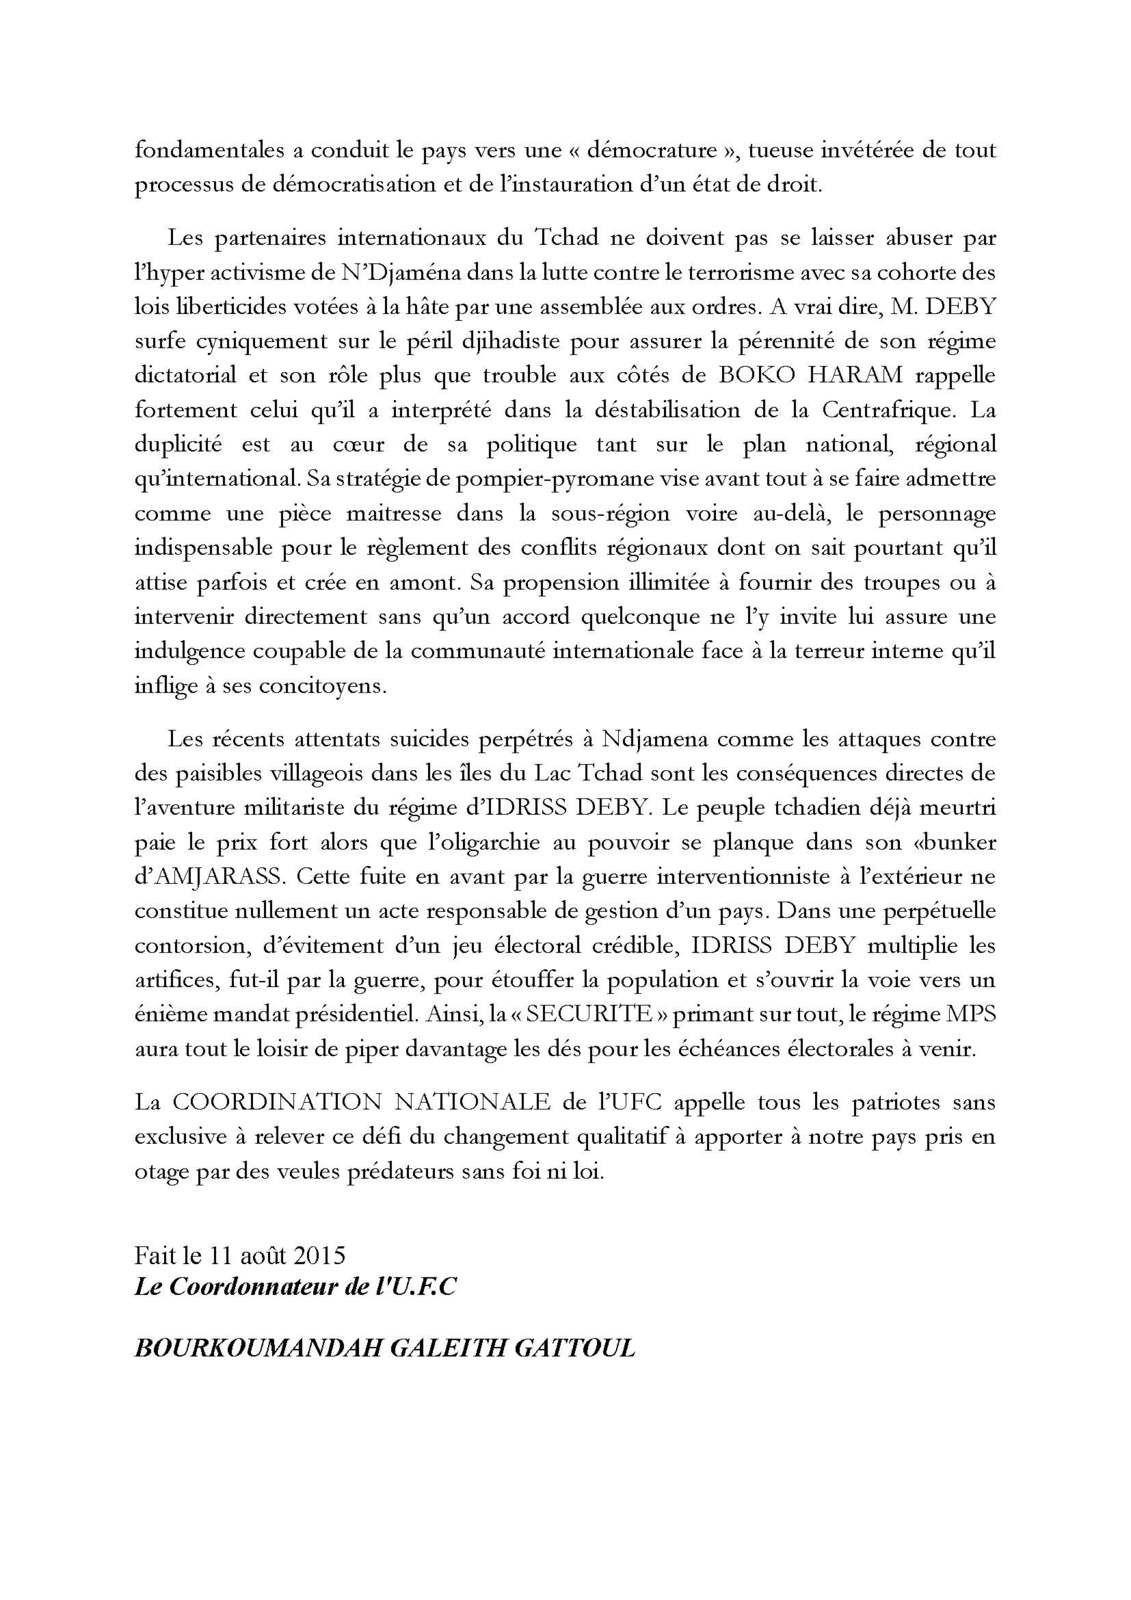 11 août 2015: l'UFC se prononce sur l'indépendance du Tchad